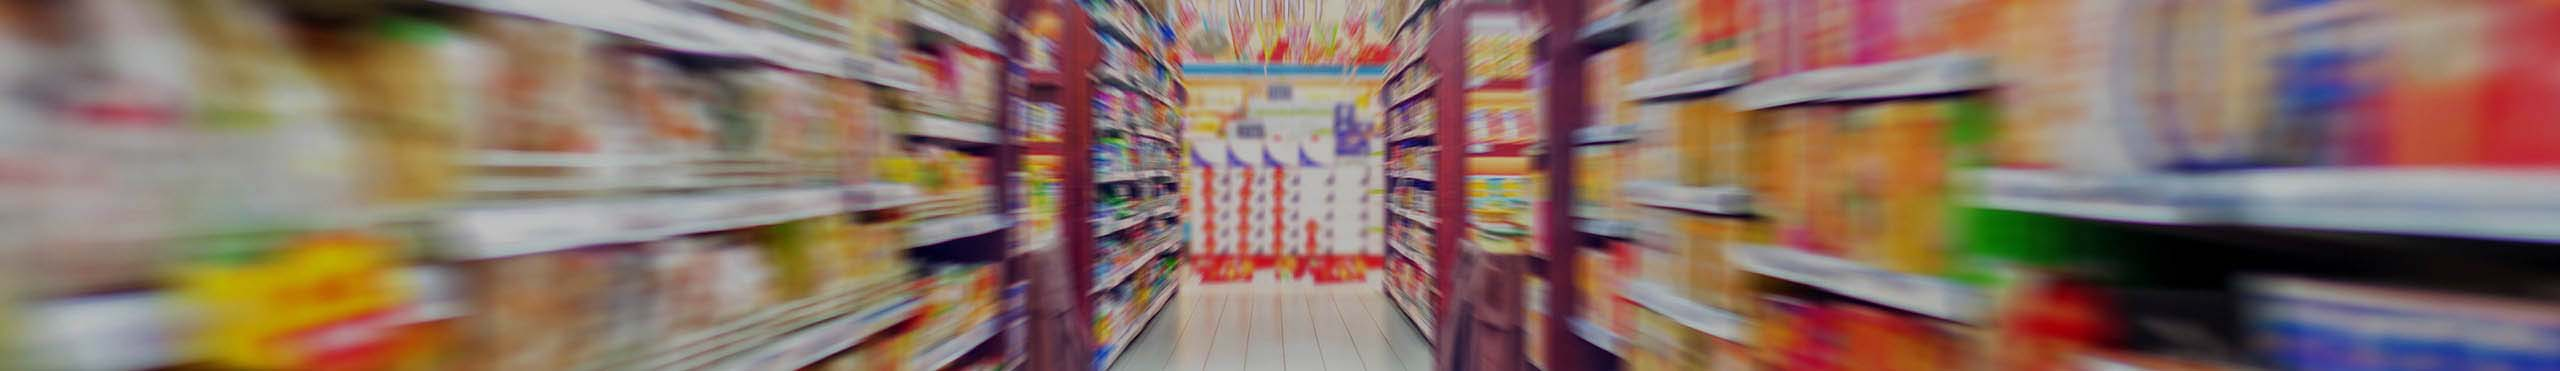 Carrefour : positive en Bourse